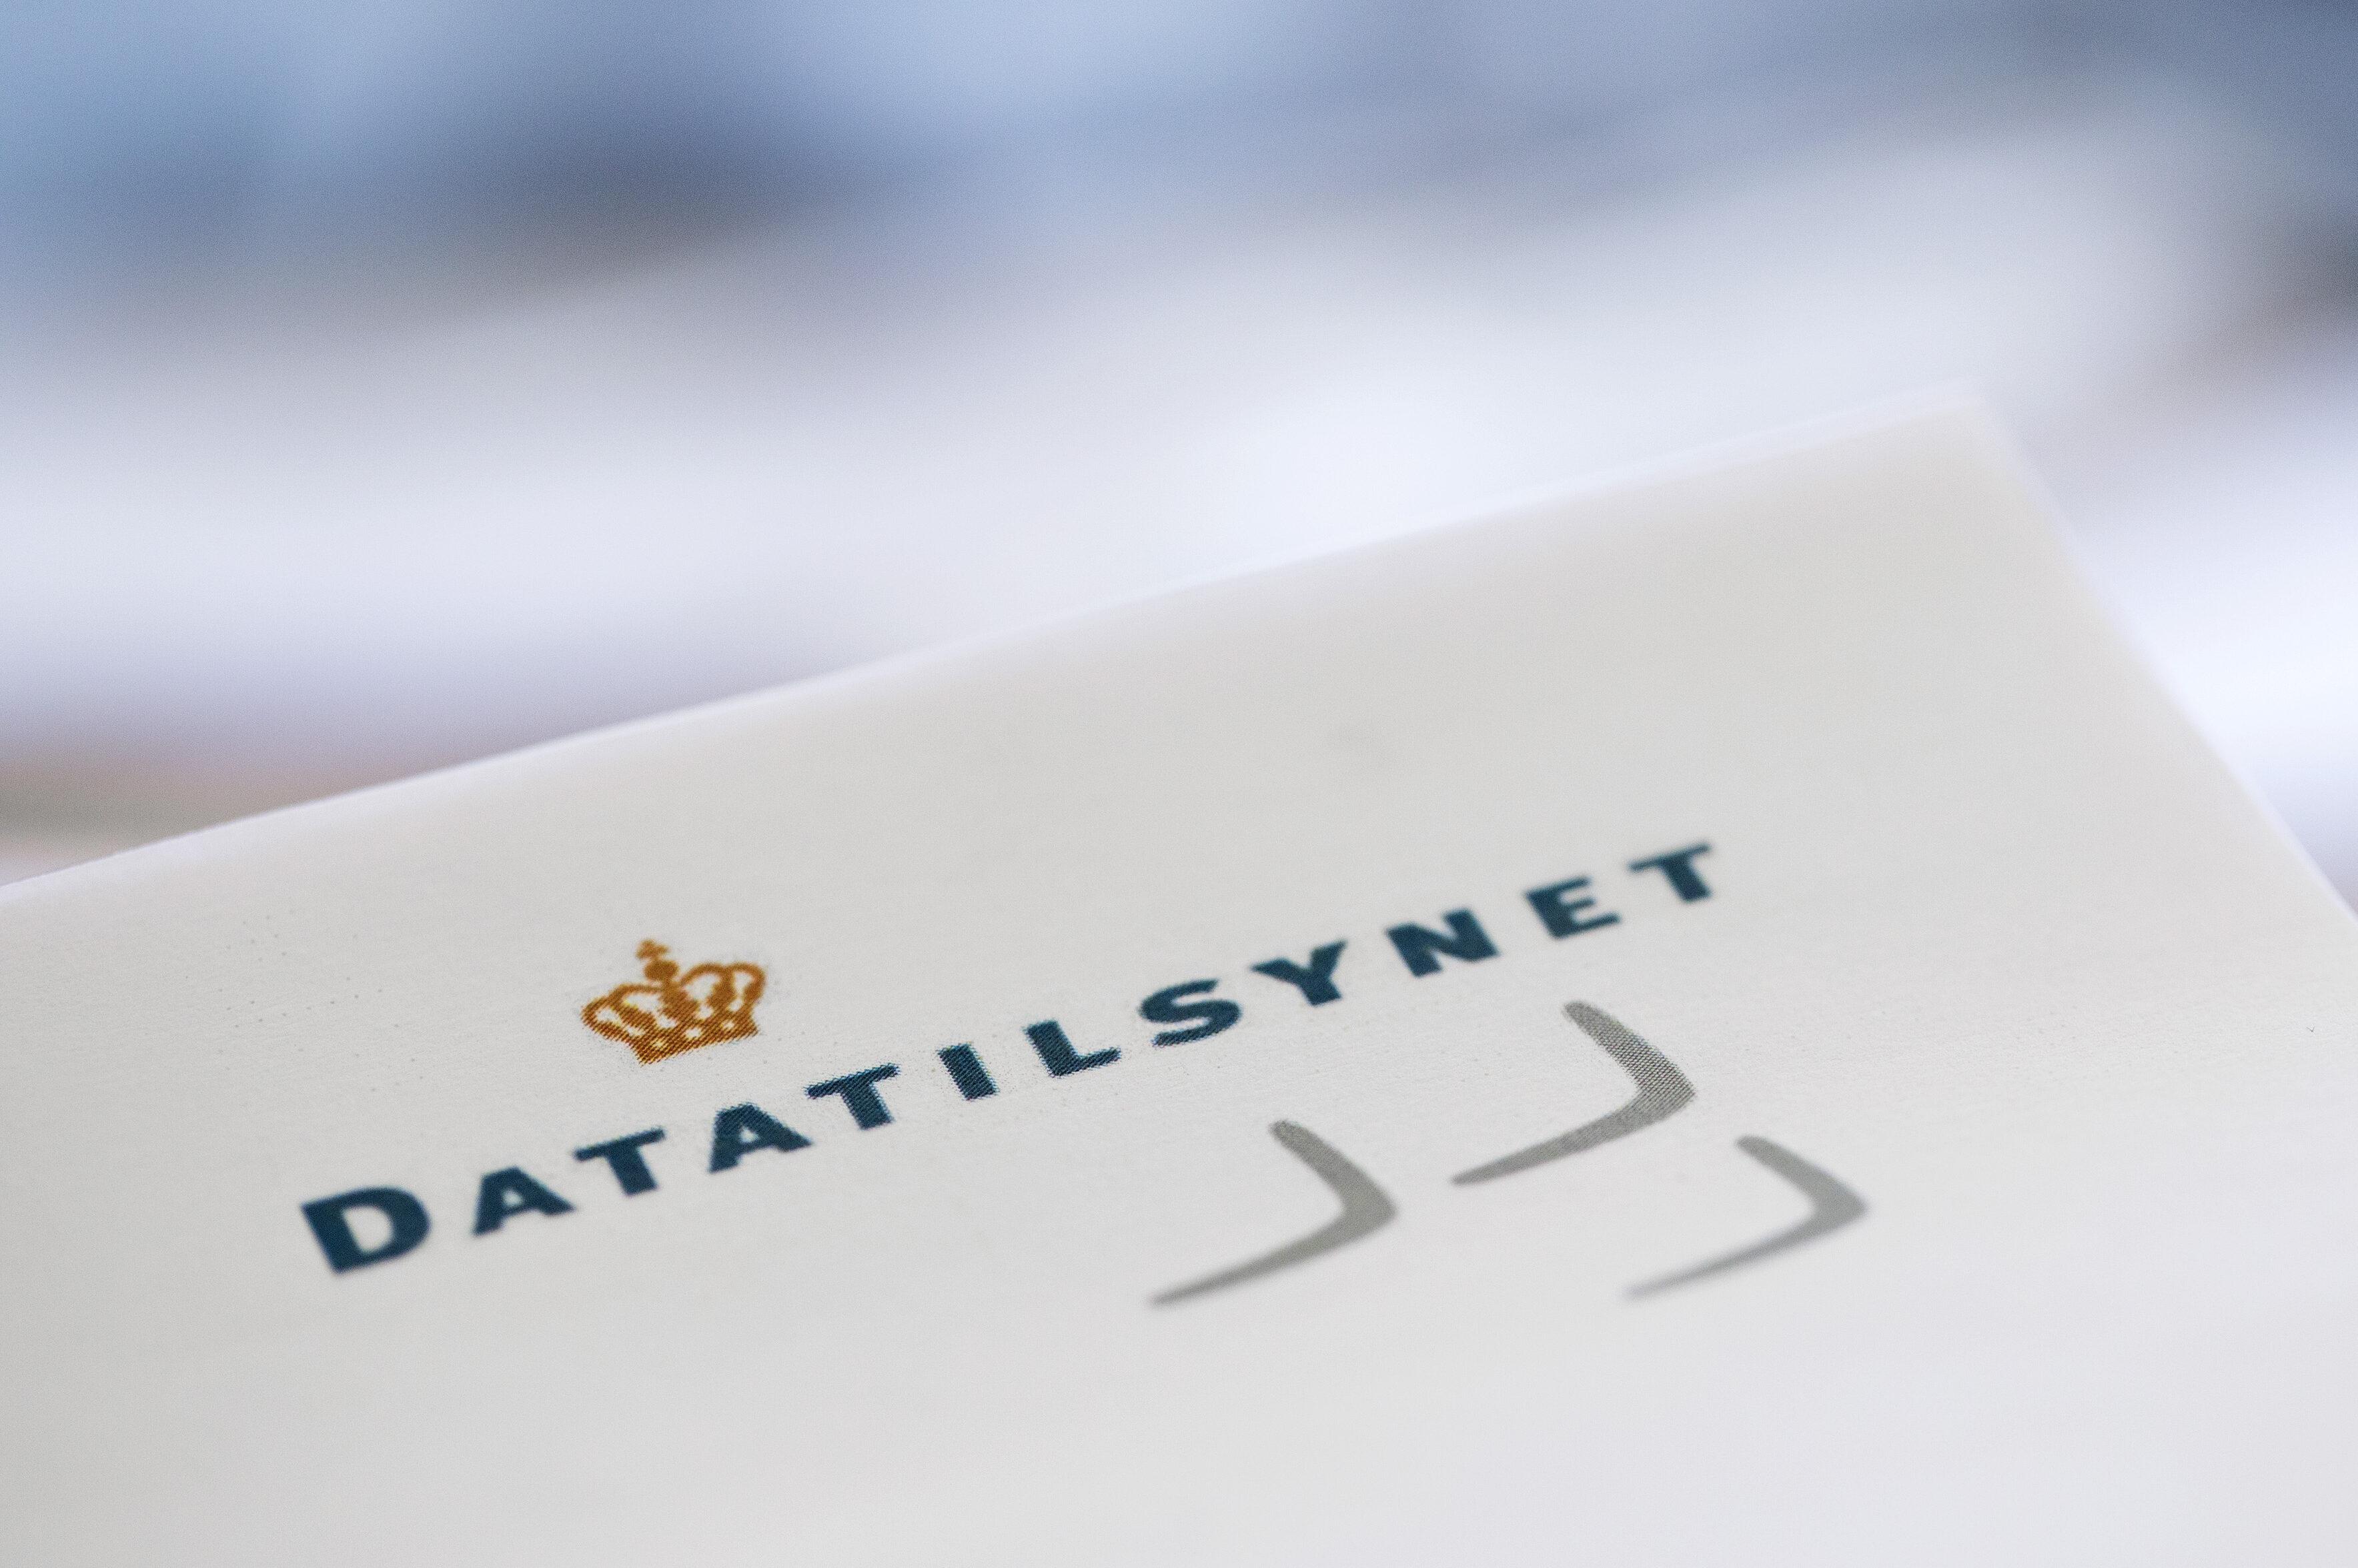 Kritik fra Datatilsynet: Tidligere medarbejder har ret til at blive glemt